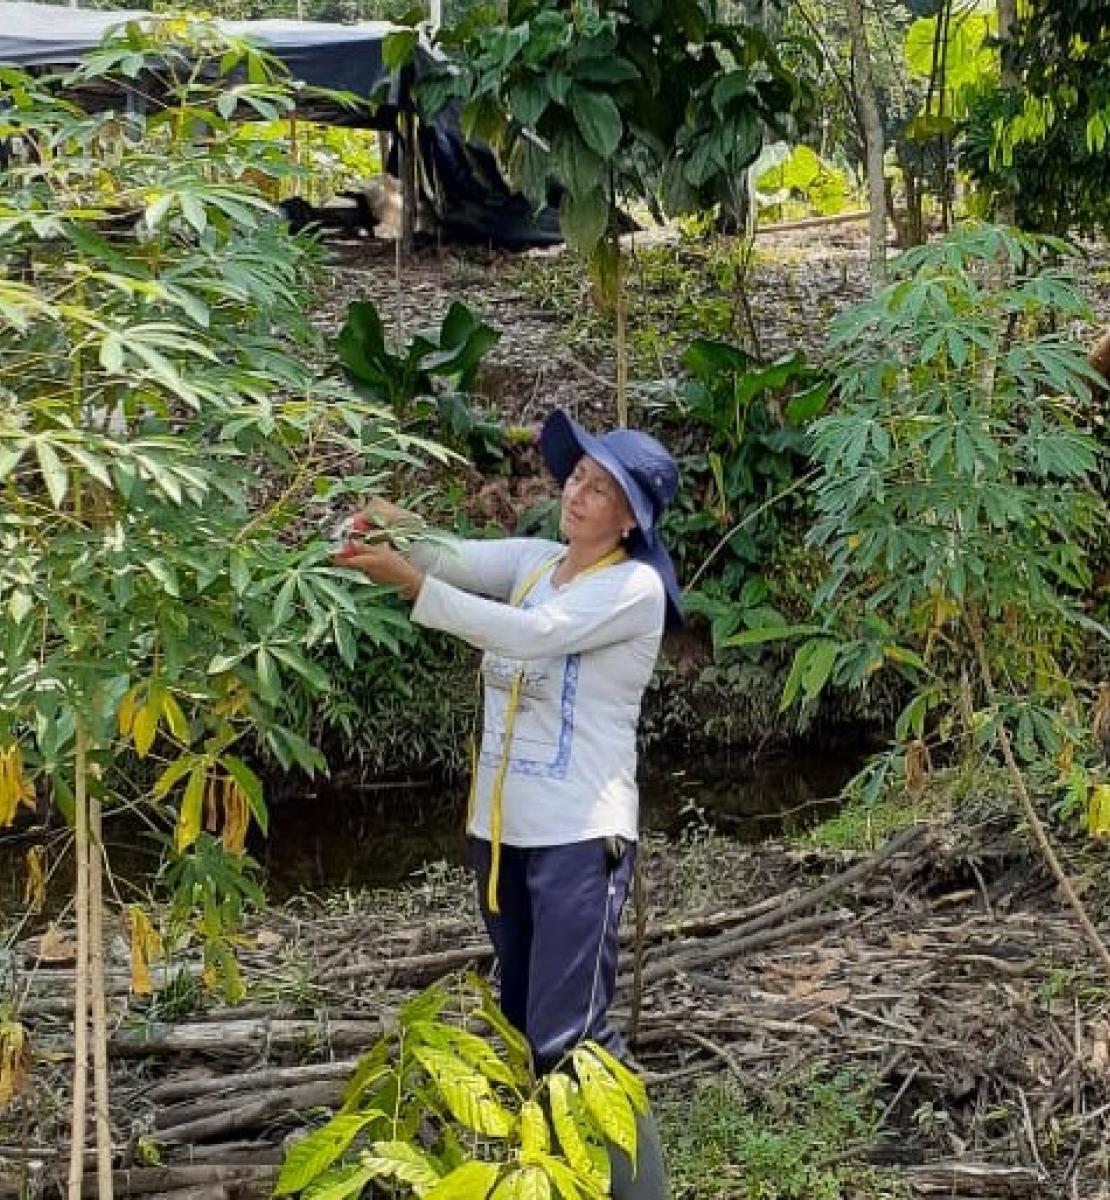 一个戴着蓝帽子、穿着白衬衫的妇女在树上采摘果实。